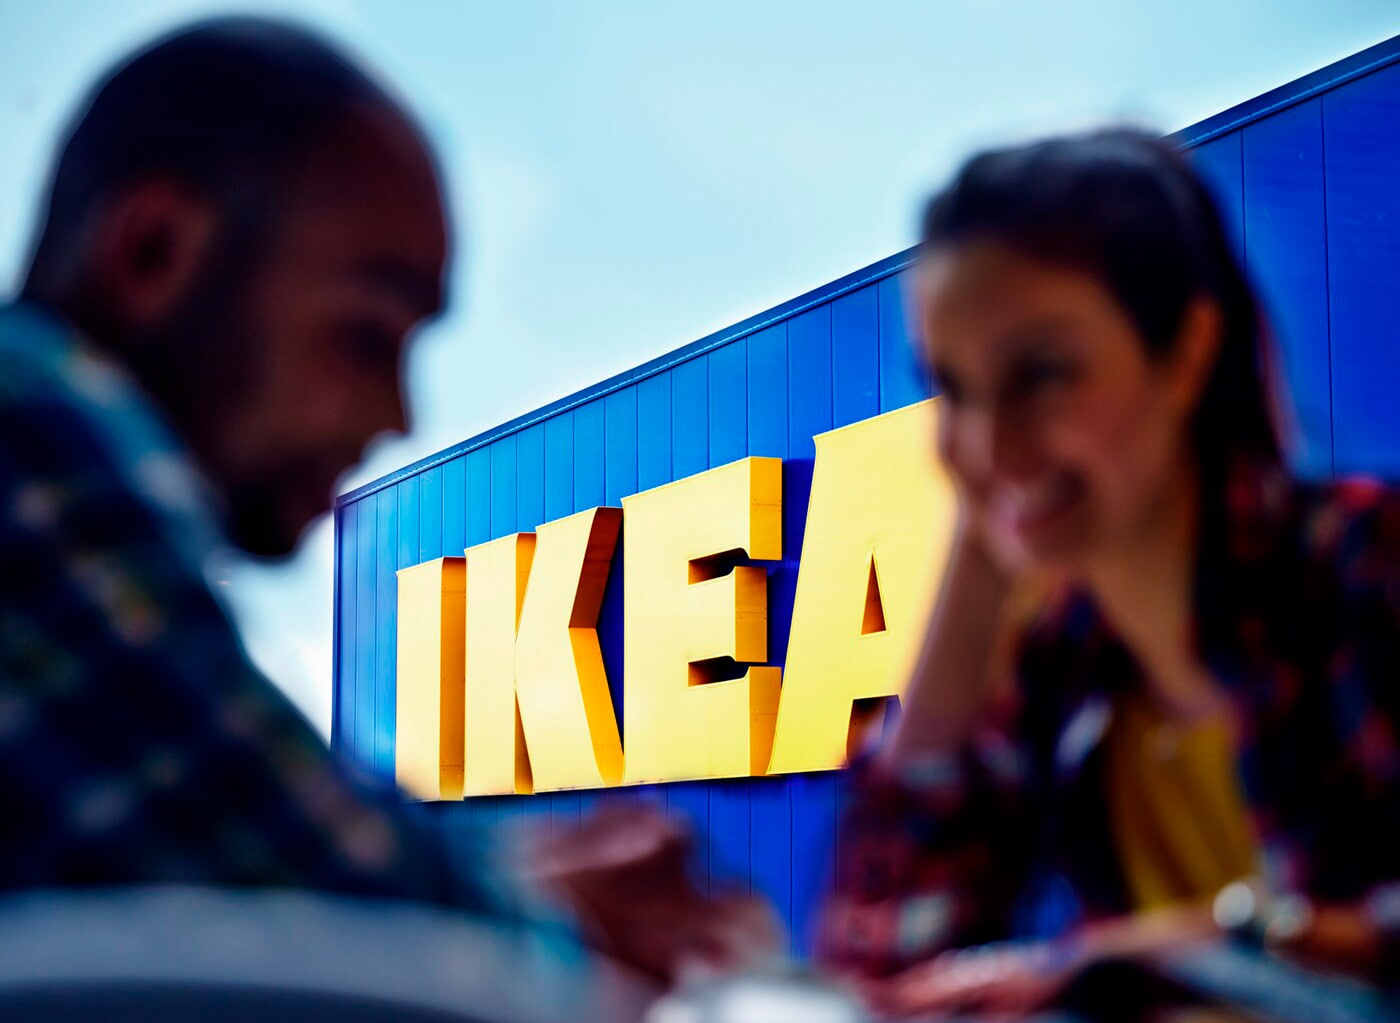 لقطة لزوجين أمام واجهة متجر ايكيا، مع التركيز على شعار ايكيا الأصفر الزاهي.